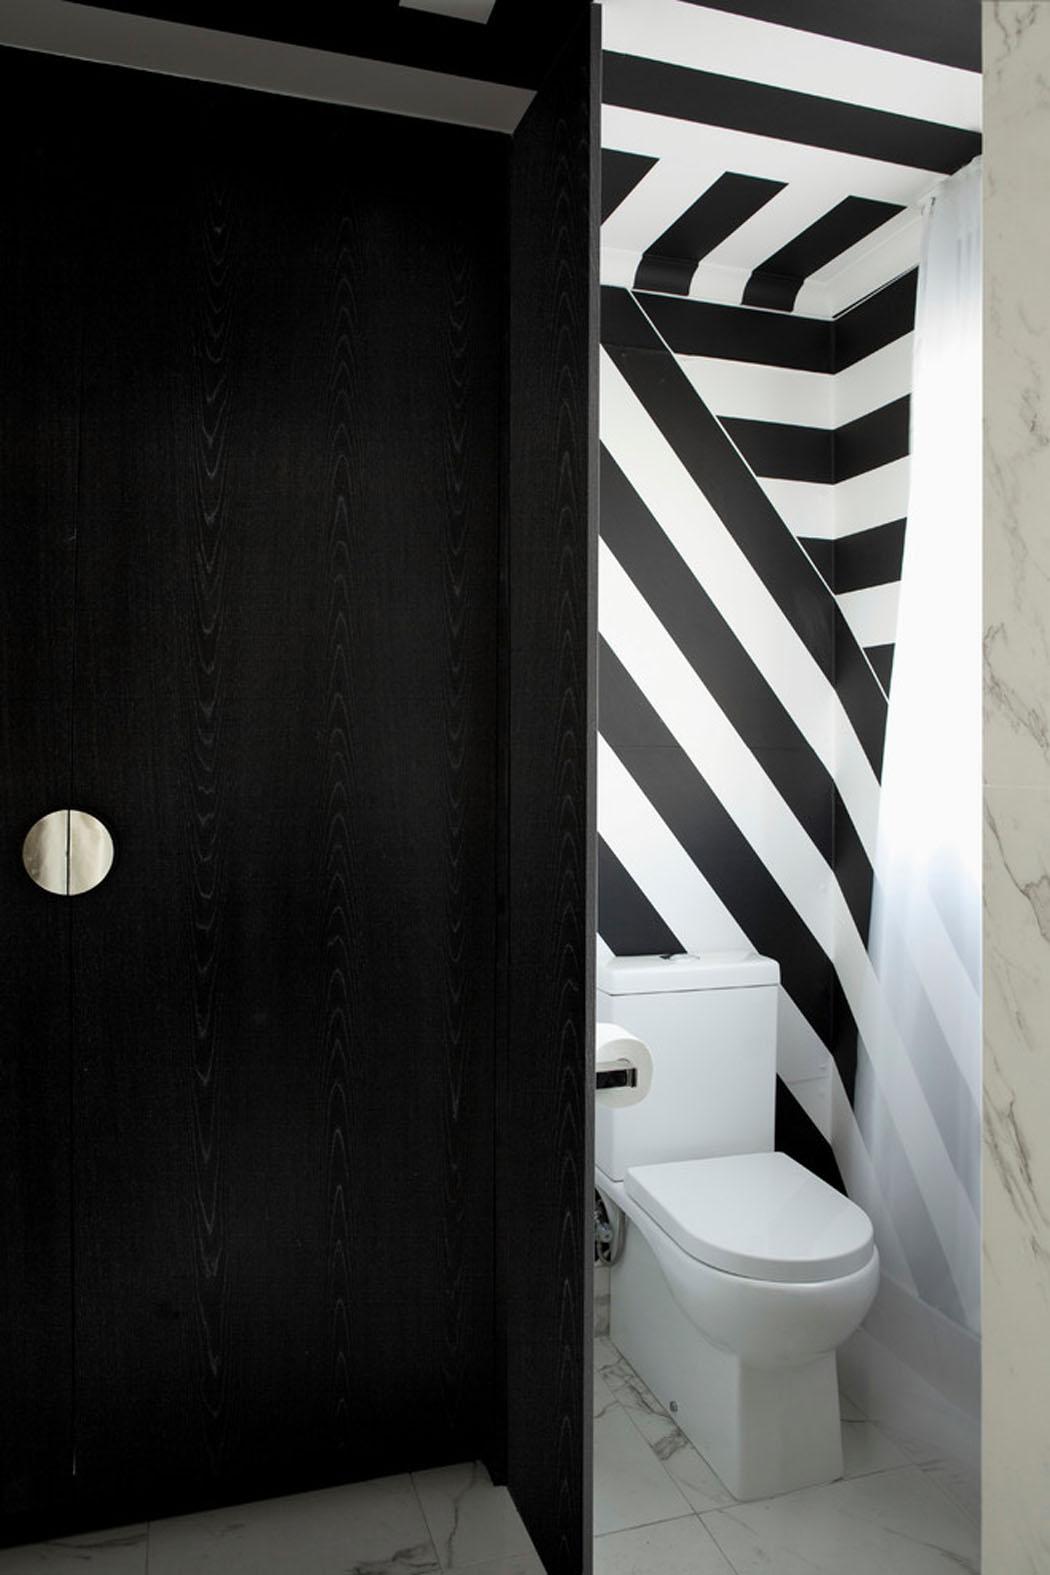 Decoration Toilettes Noir Et Blanc : Bel appartement design à brisbane la déco élégante en